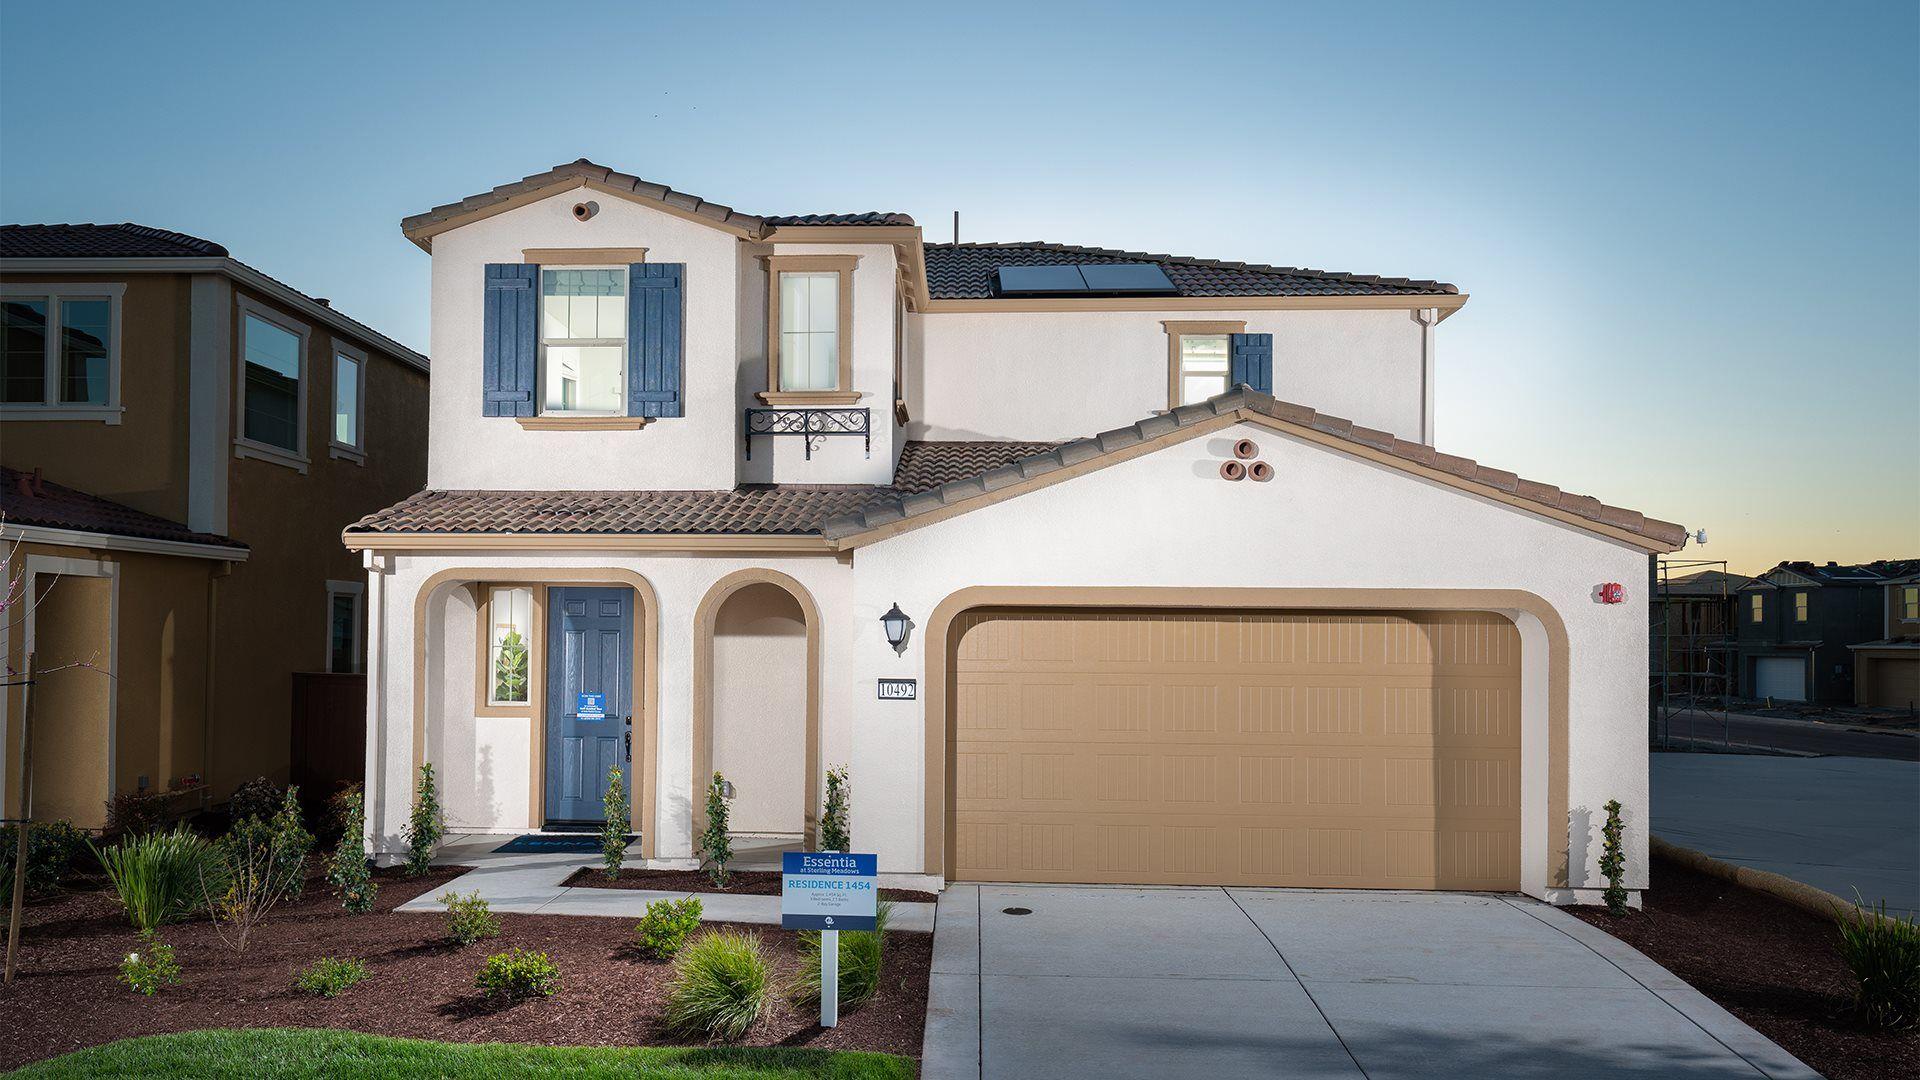 Residence 1454 | Model Home